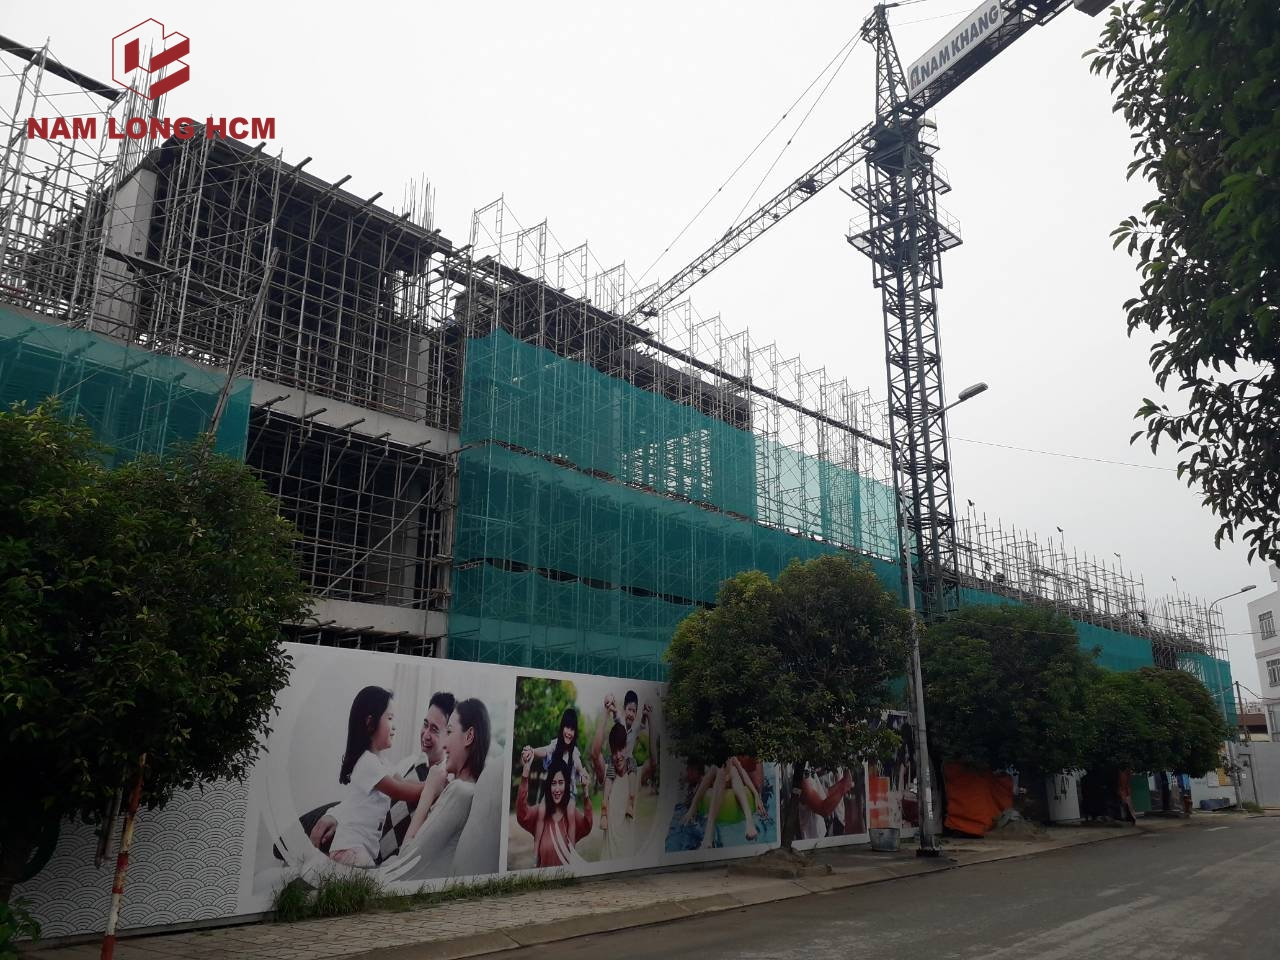 Tiến độ dự án Flora Novia - Nam Long Thủ Đức tháng 11/2018. Ảnh: Nam Long HCM